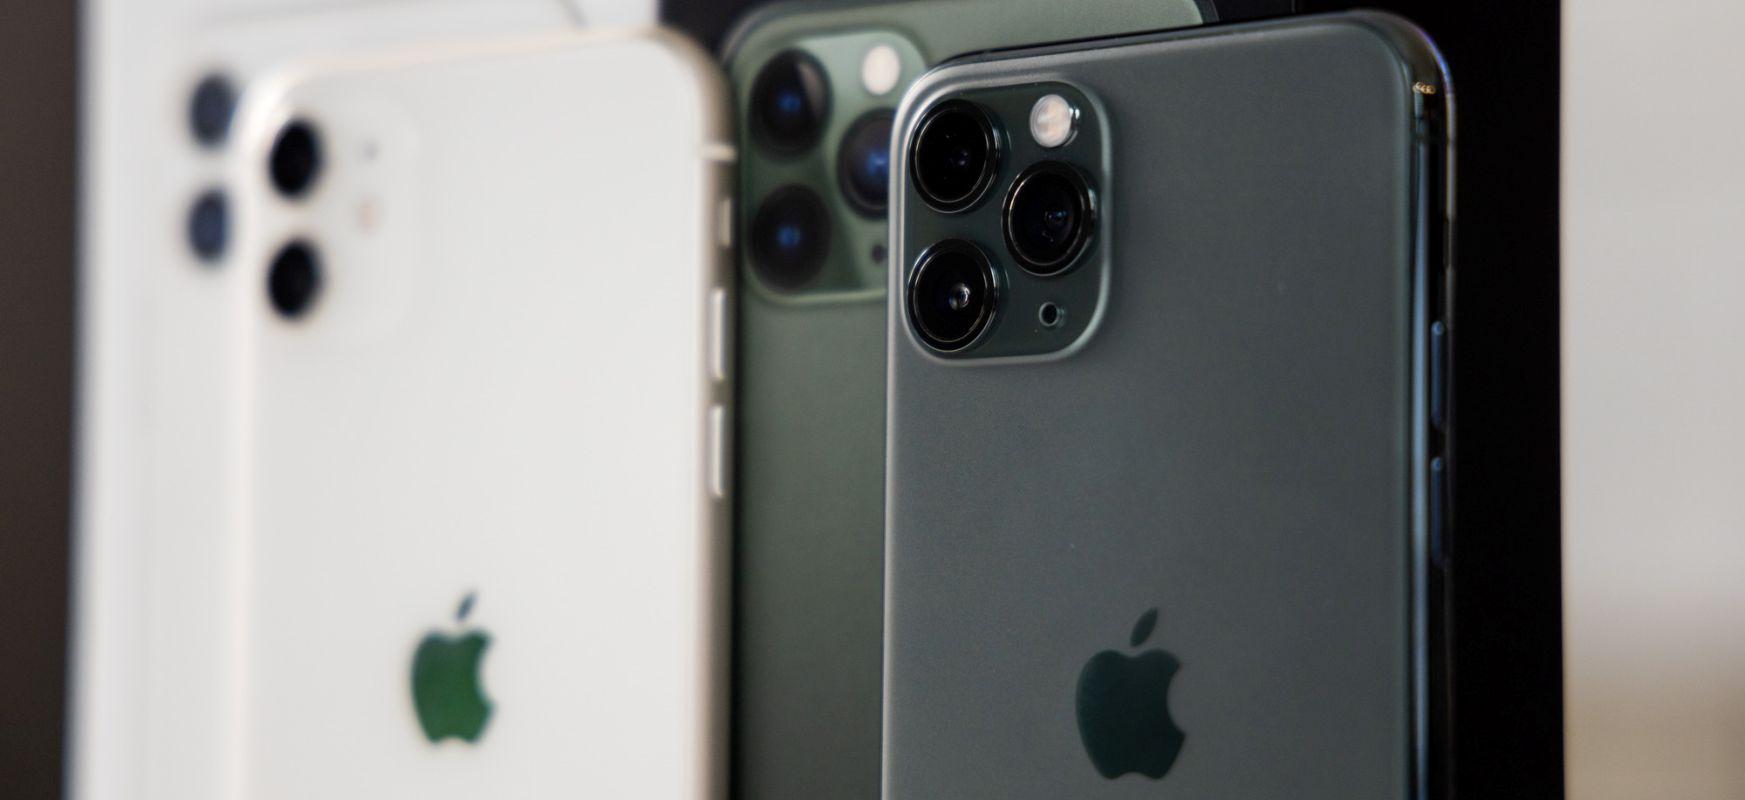 Tim Cook beldur da inork ez duela iPhone berririk erosiko.  IPhone 12 datorren urtean ikusi ahal izango dugu